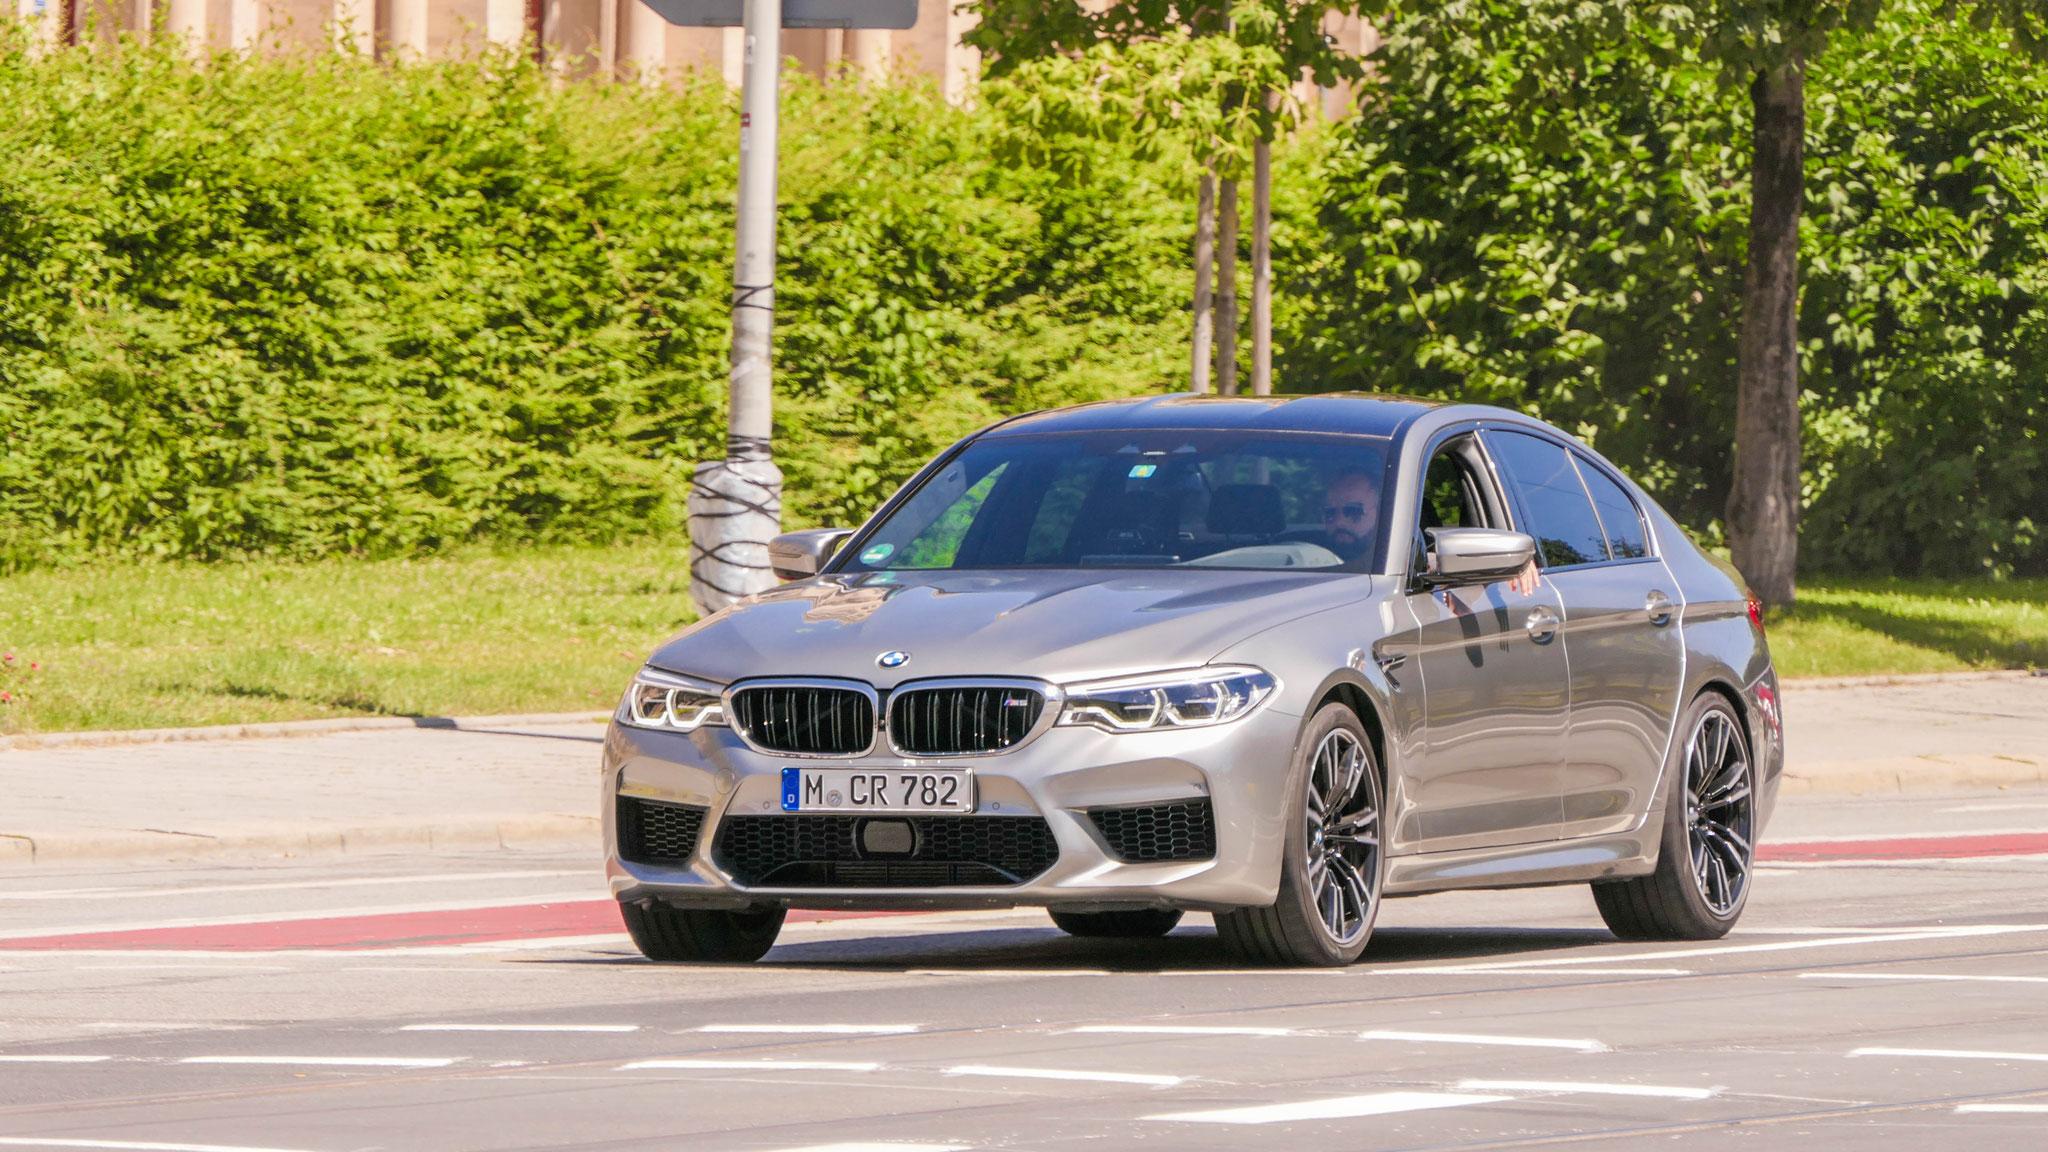 BMW M5 - M-CR-782